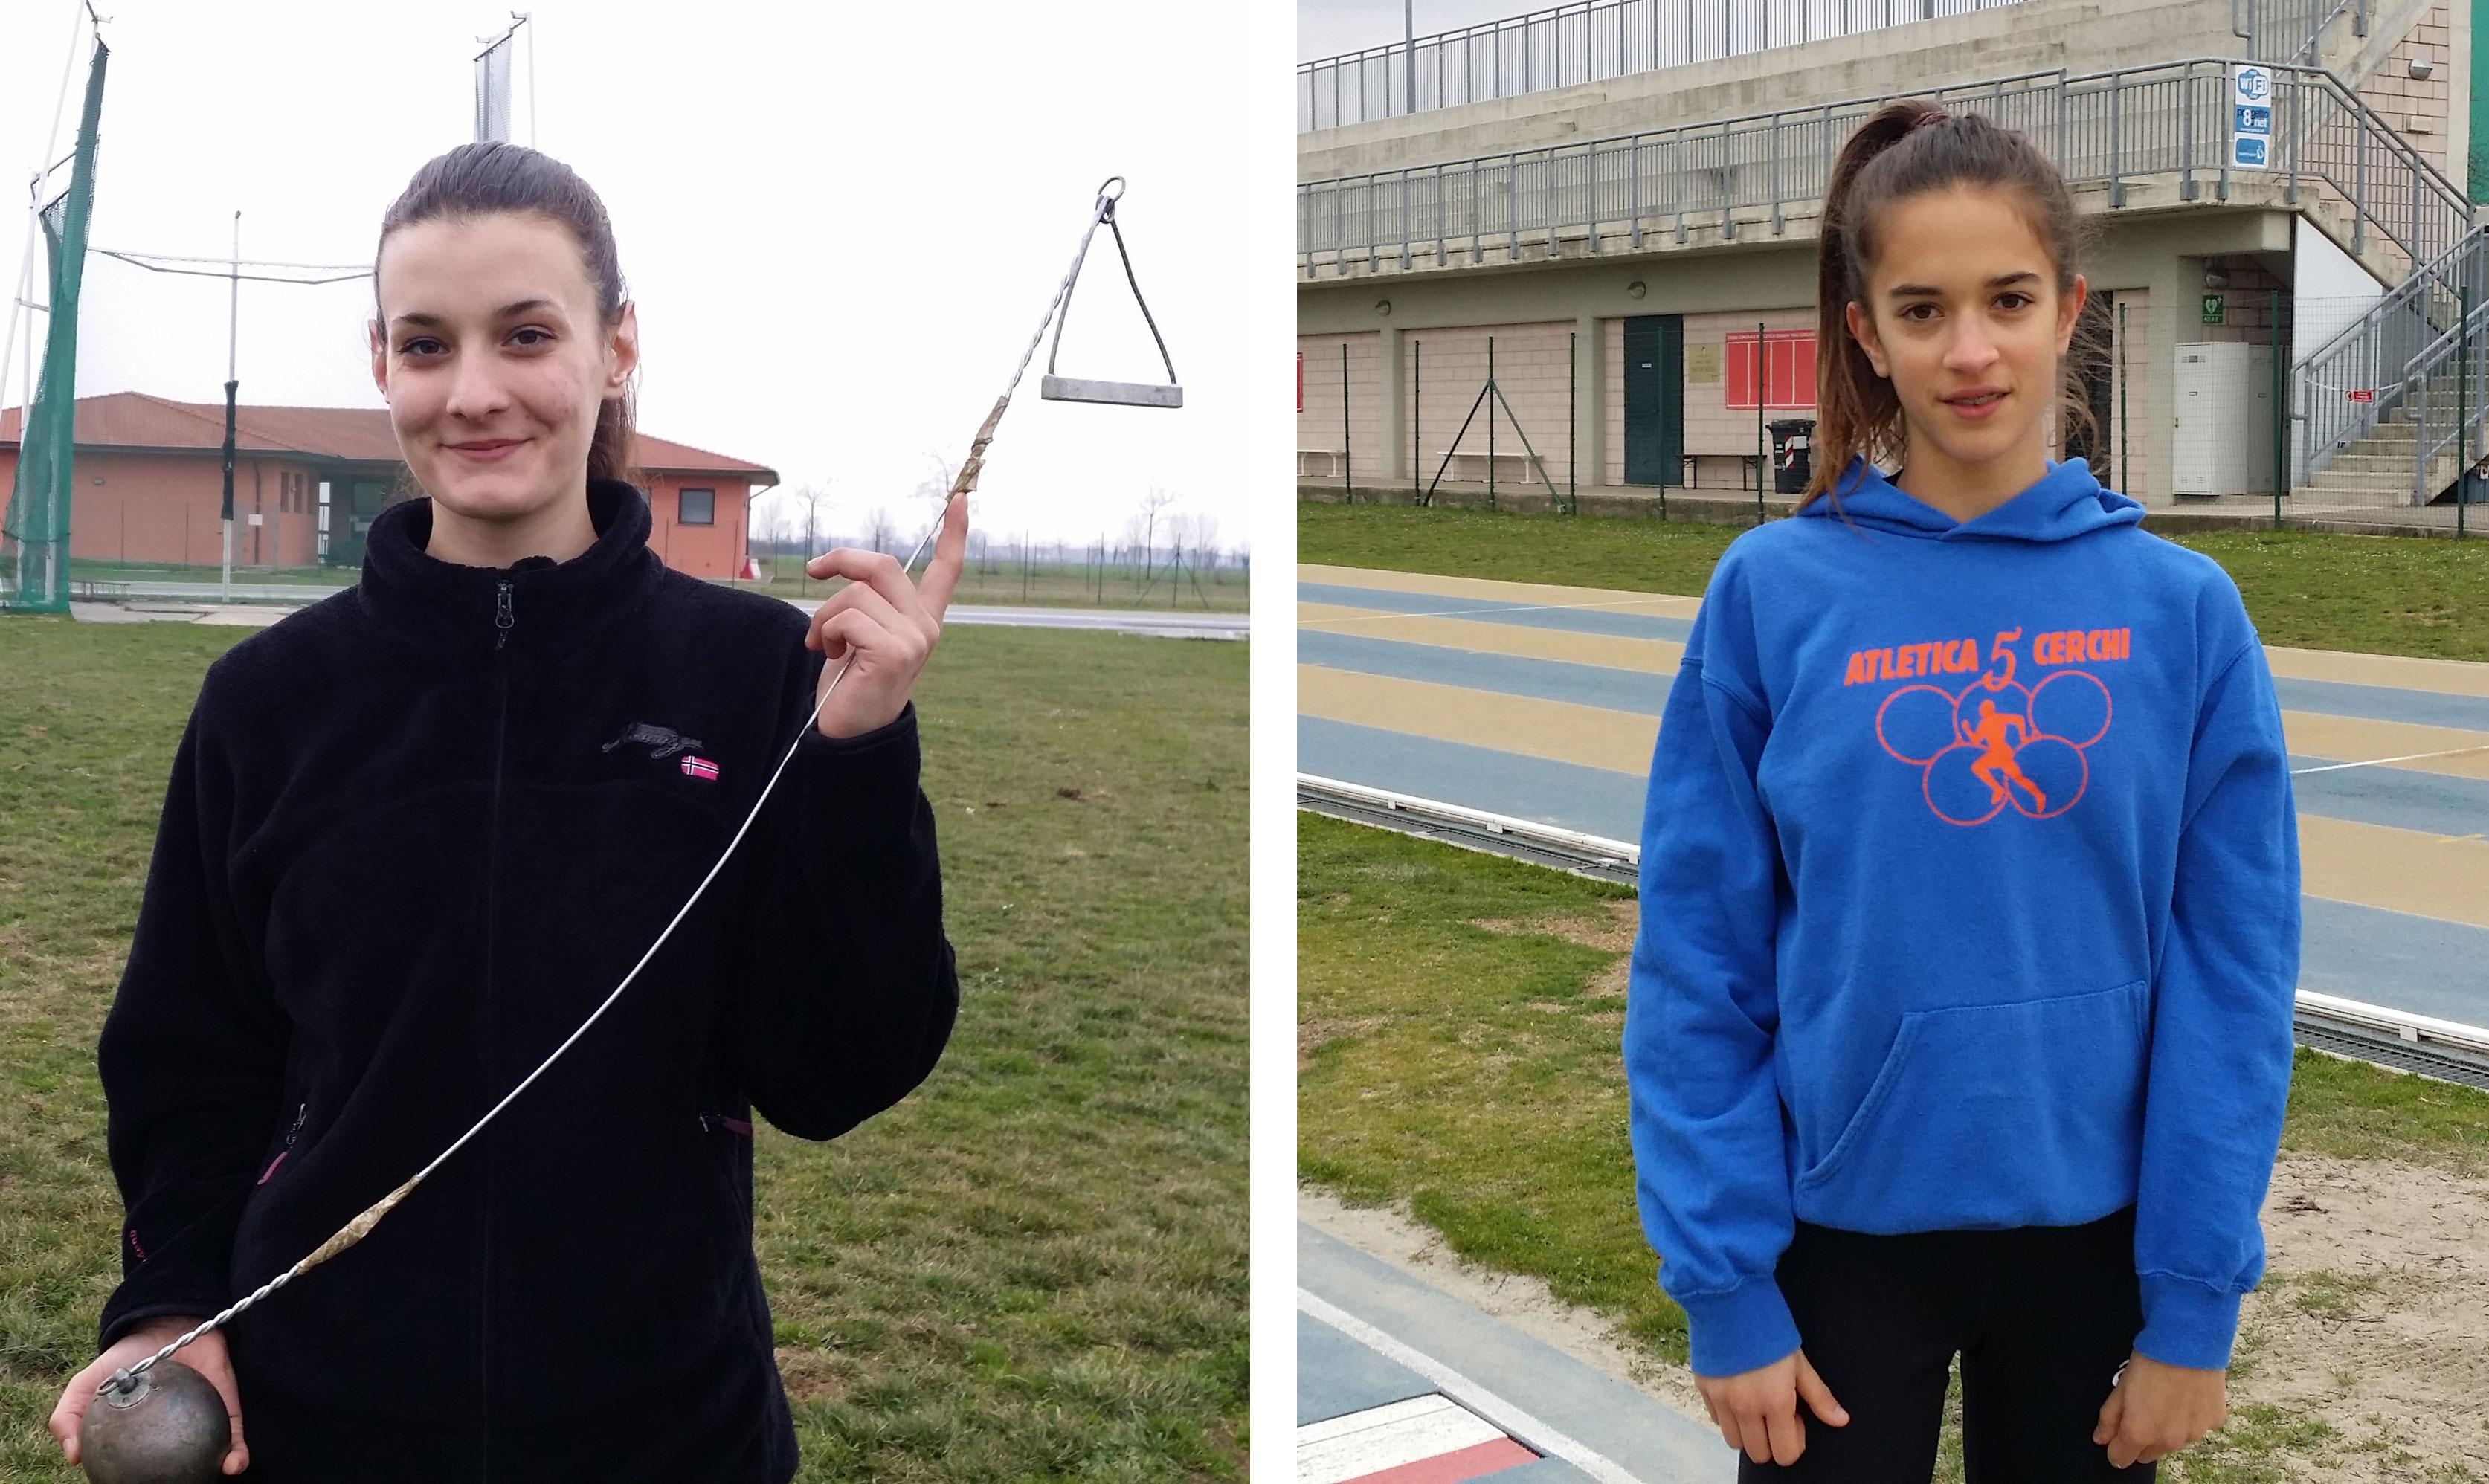 Atletica, record e argenti per le giovani piacentine Balordi e Anselmi